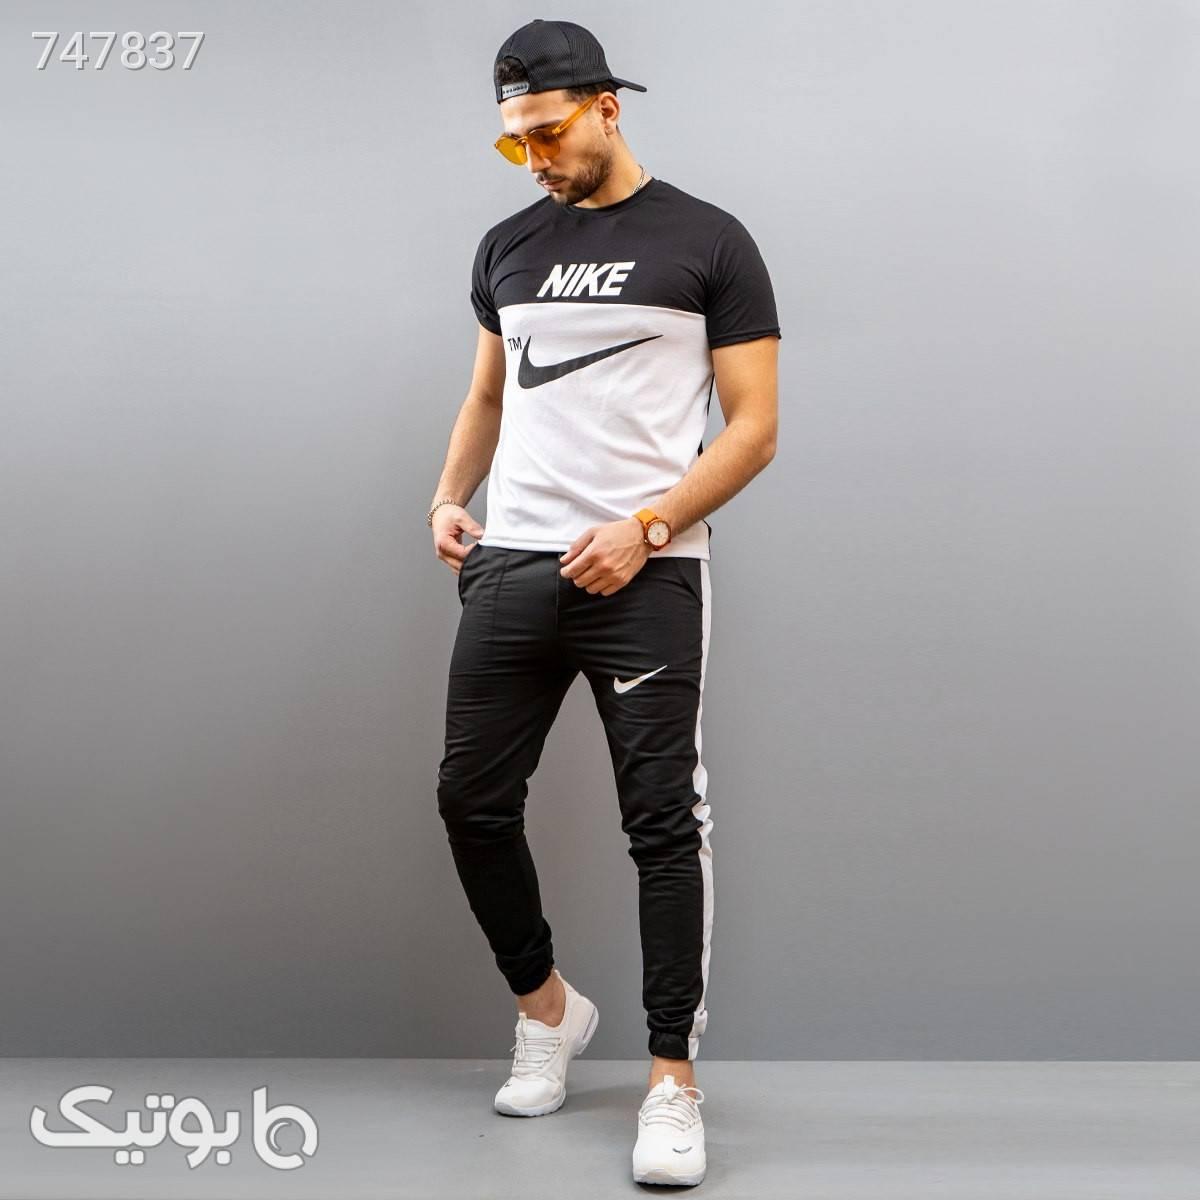 ست تيشرت شلوار nike مردانه مدل Irish مشکی تی شرت و پولو شرت مردانه